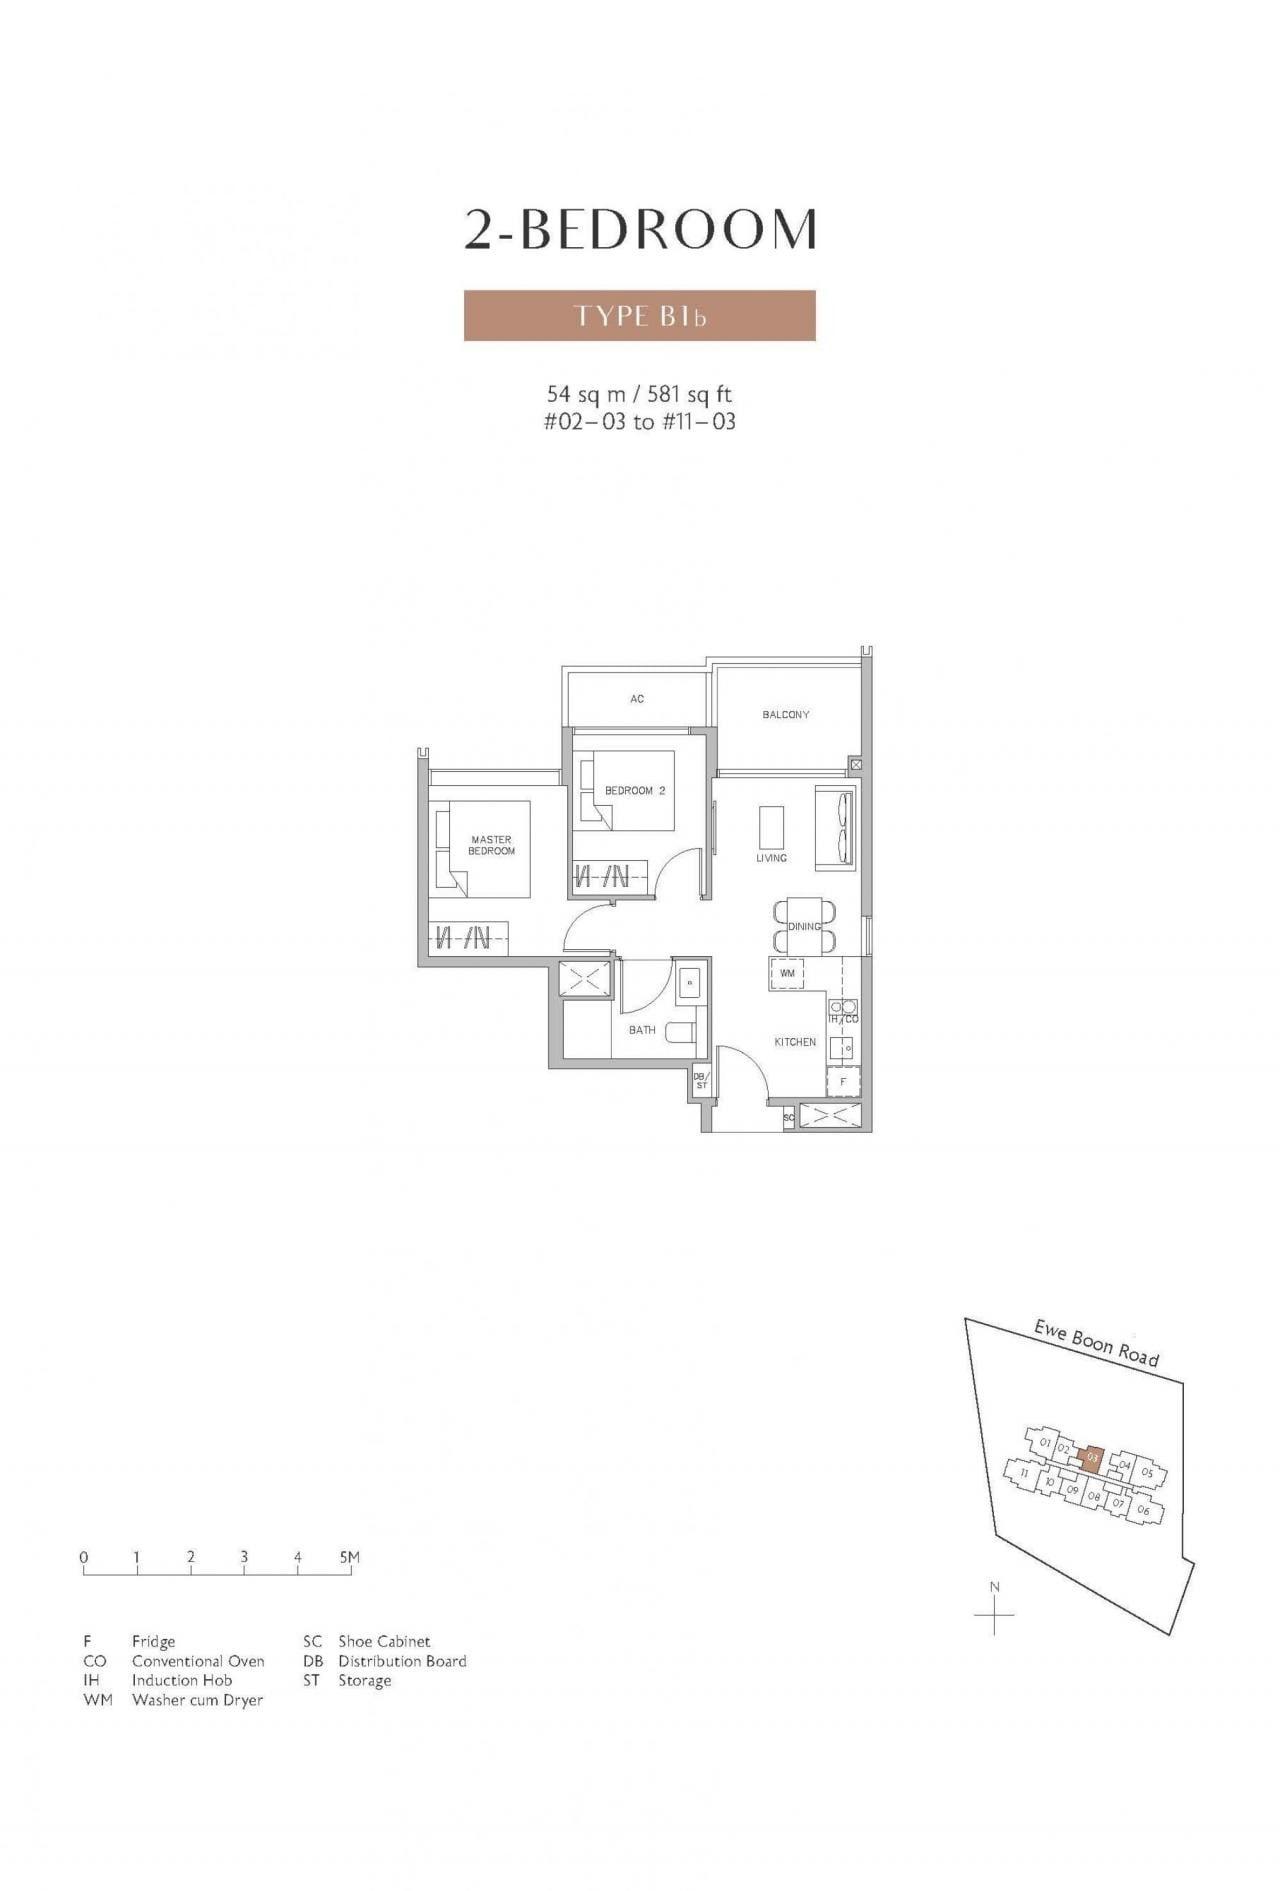 Juniper-Hill-floor plan 2BR B1b